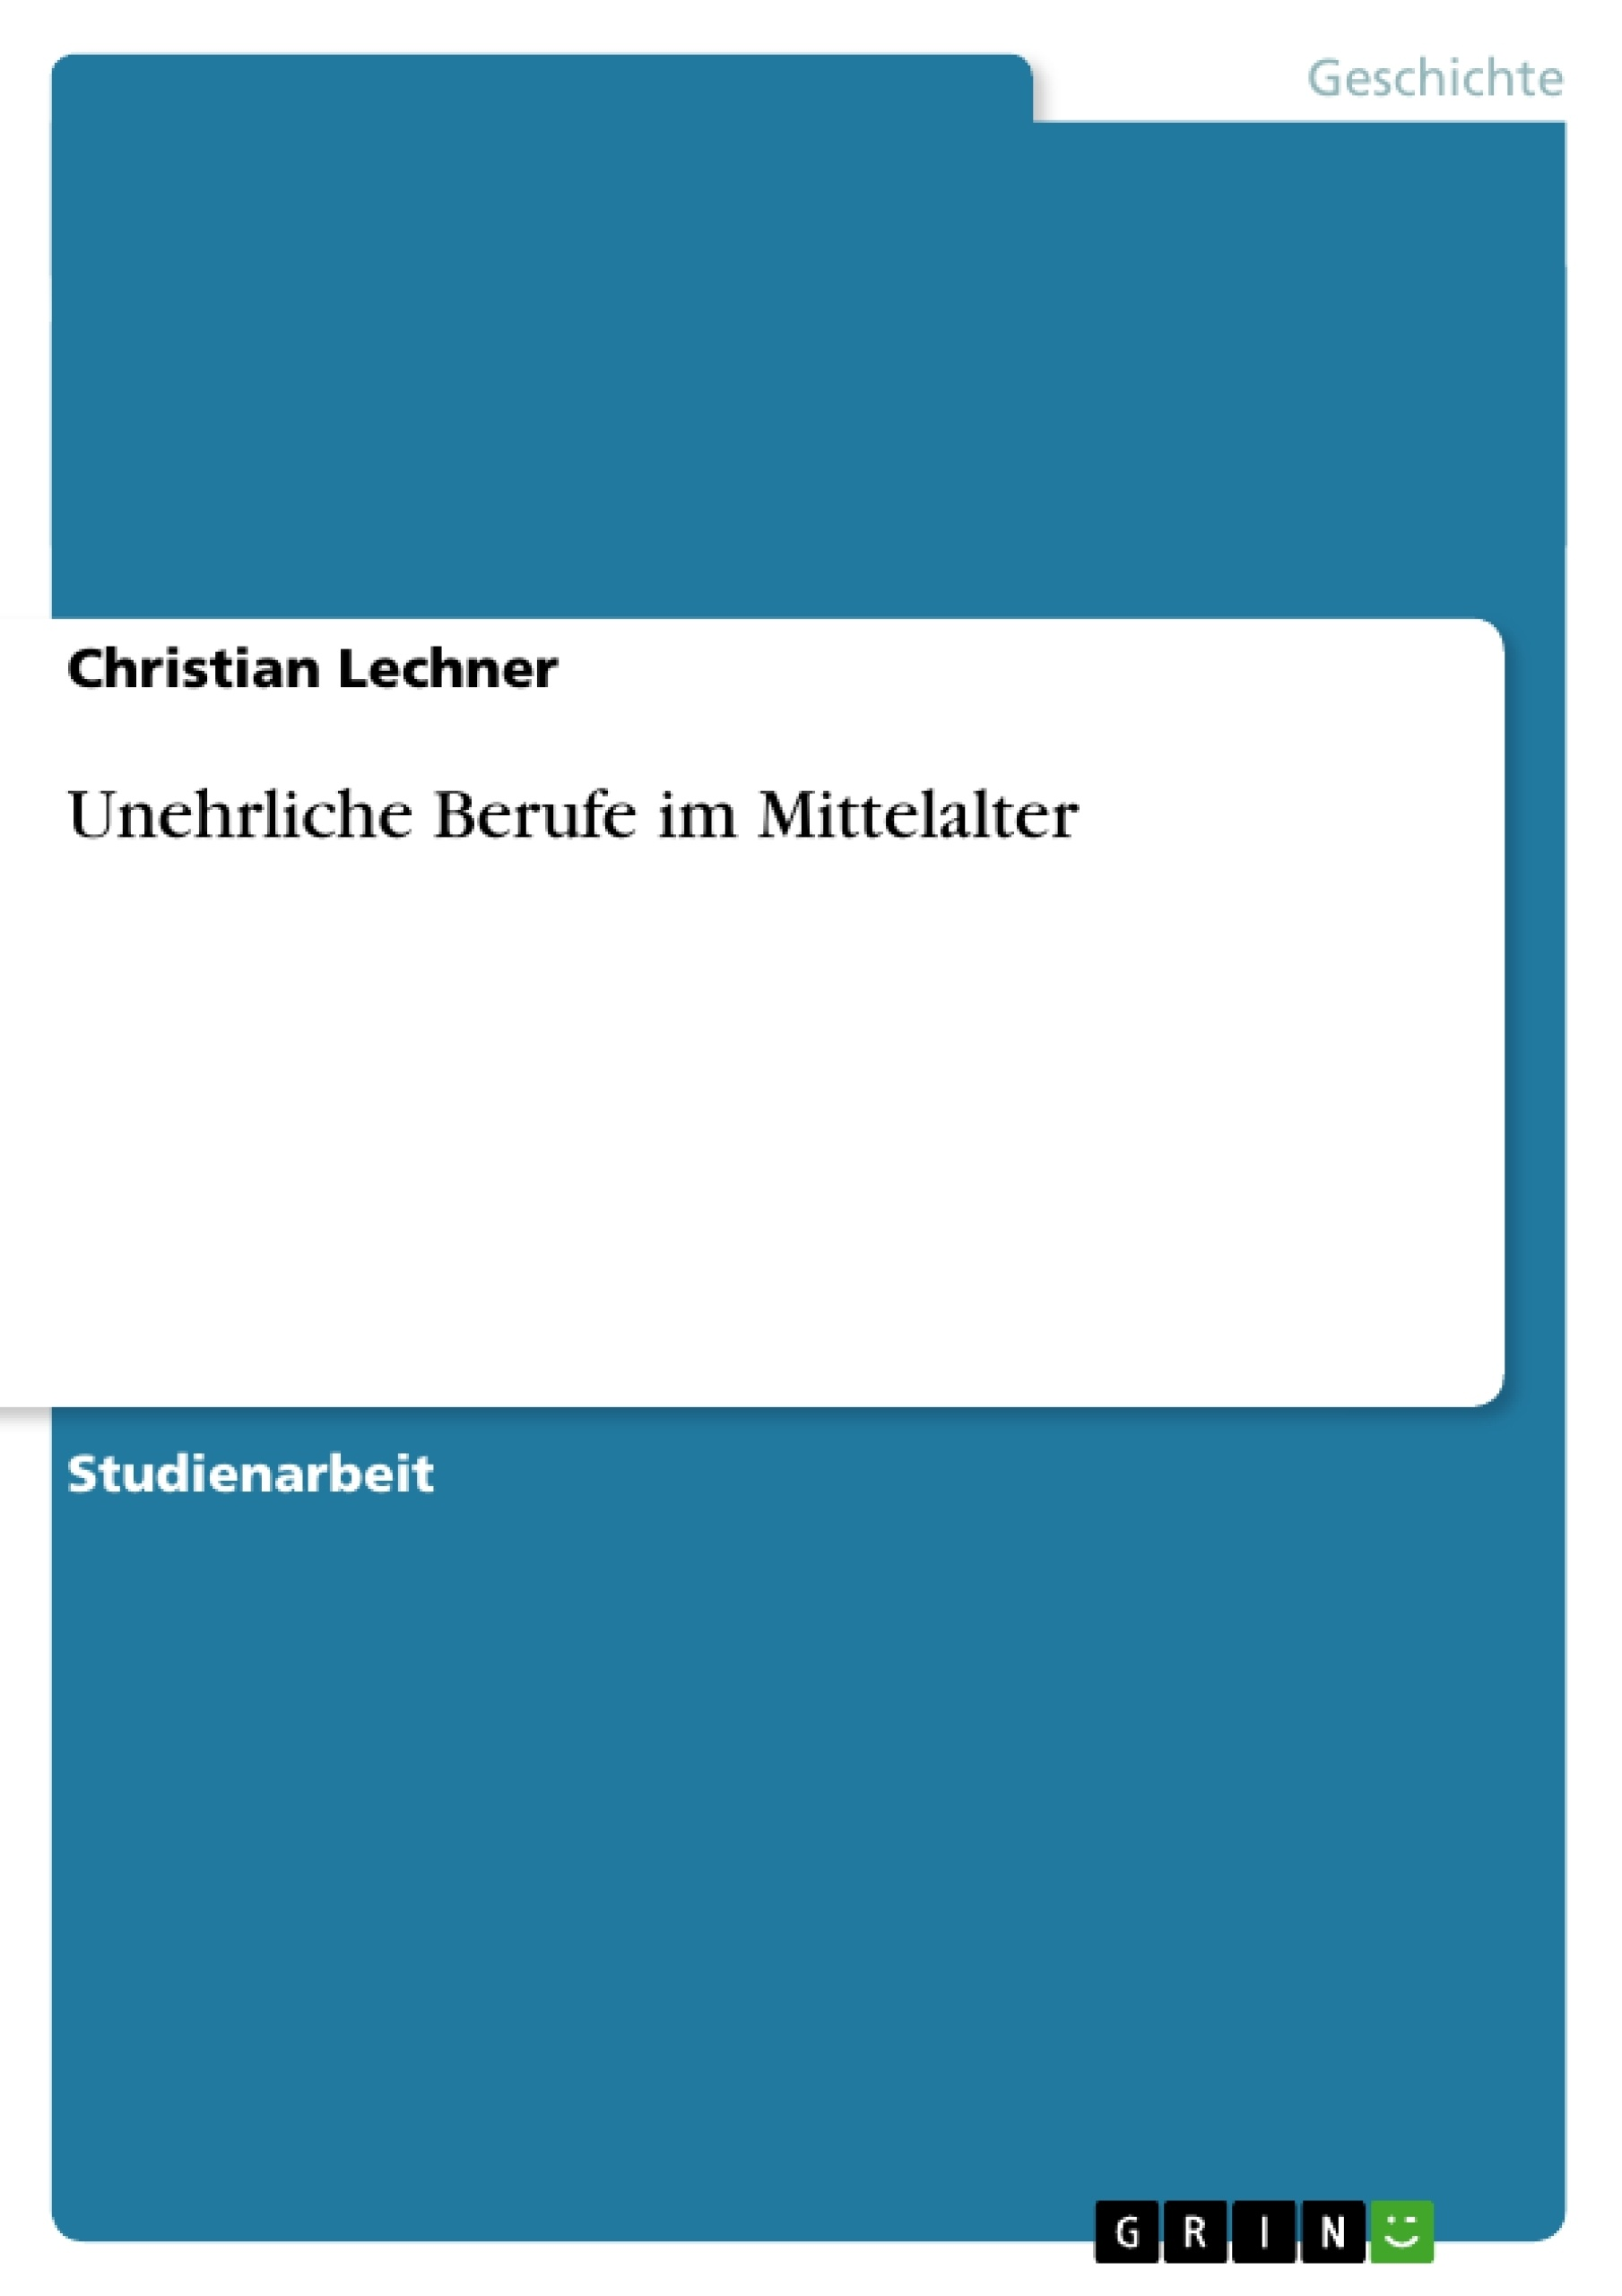 Titel: Unehrliche Berufe im Mittelalter